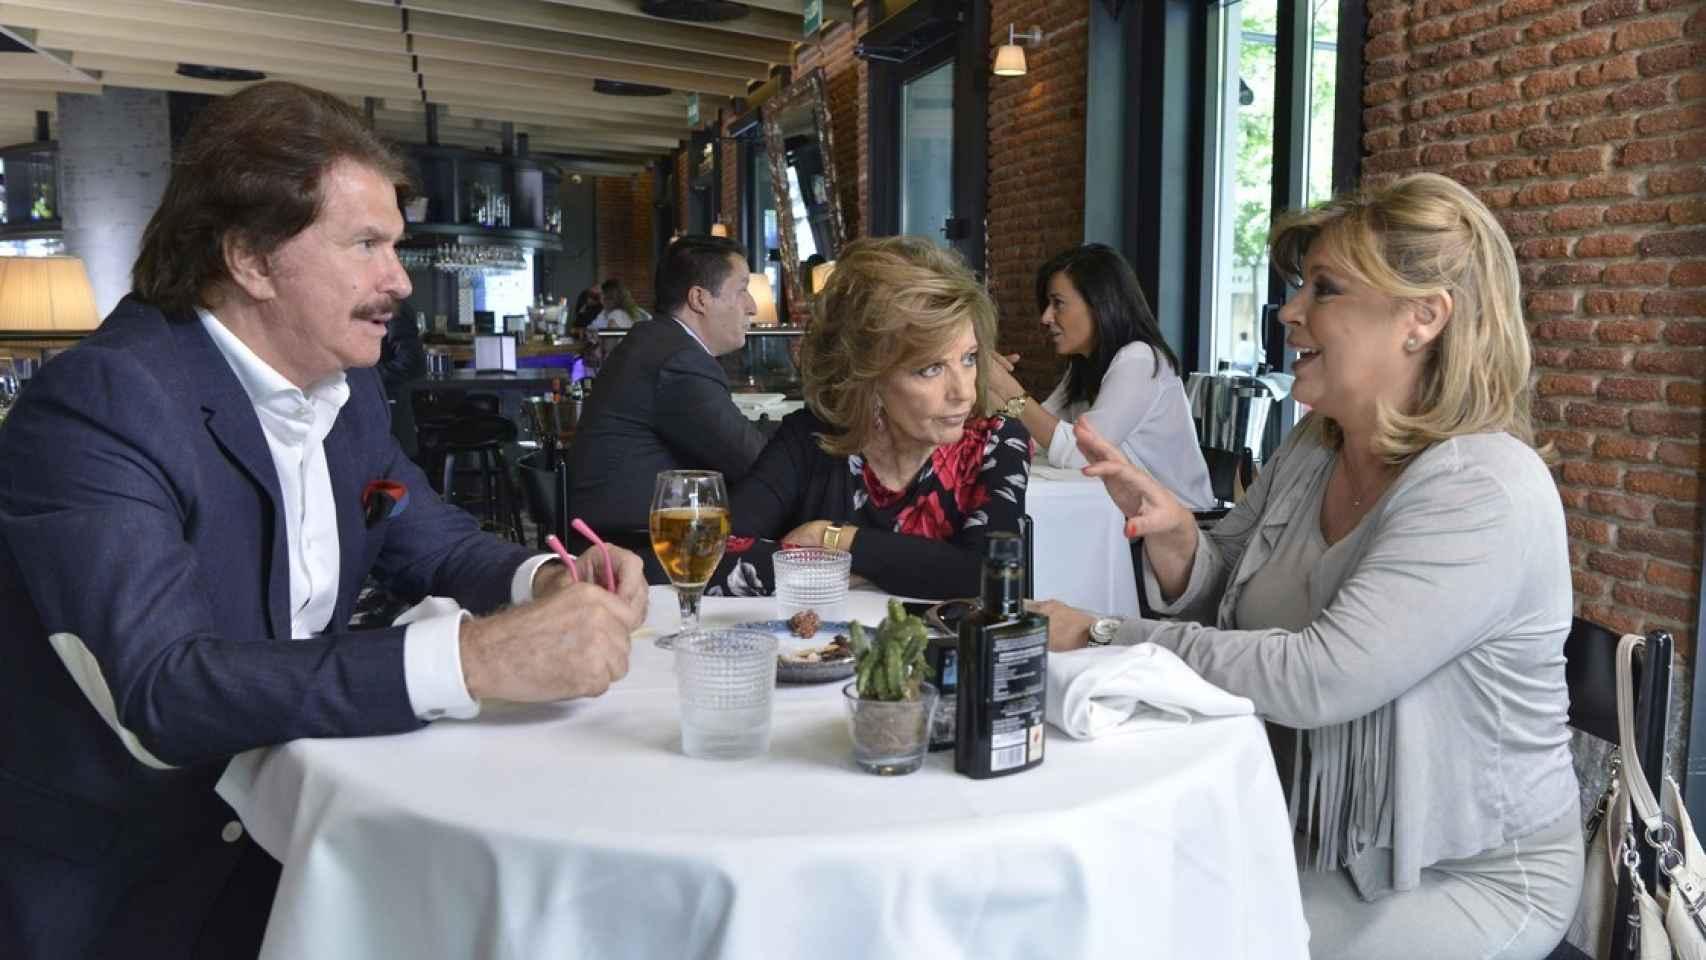 Una de las escenas del docu-reality de Las Campos en el que aparecen almorzando María Teresa, Bigote y Terelu.